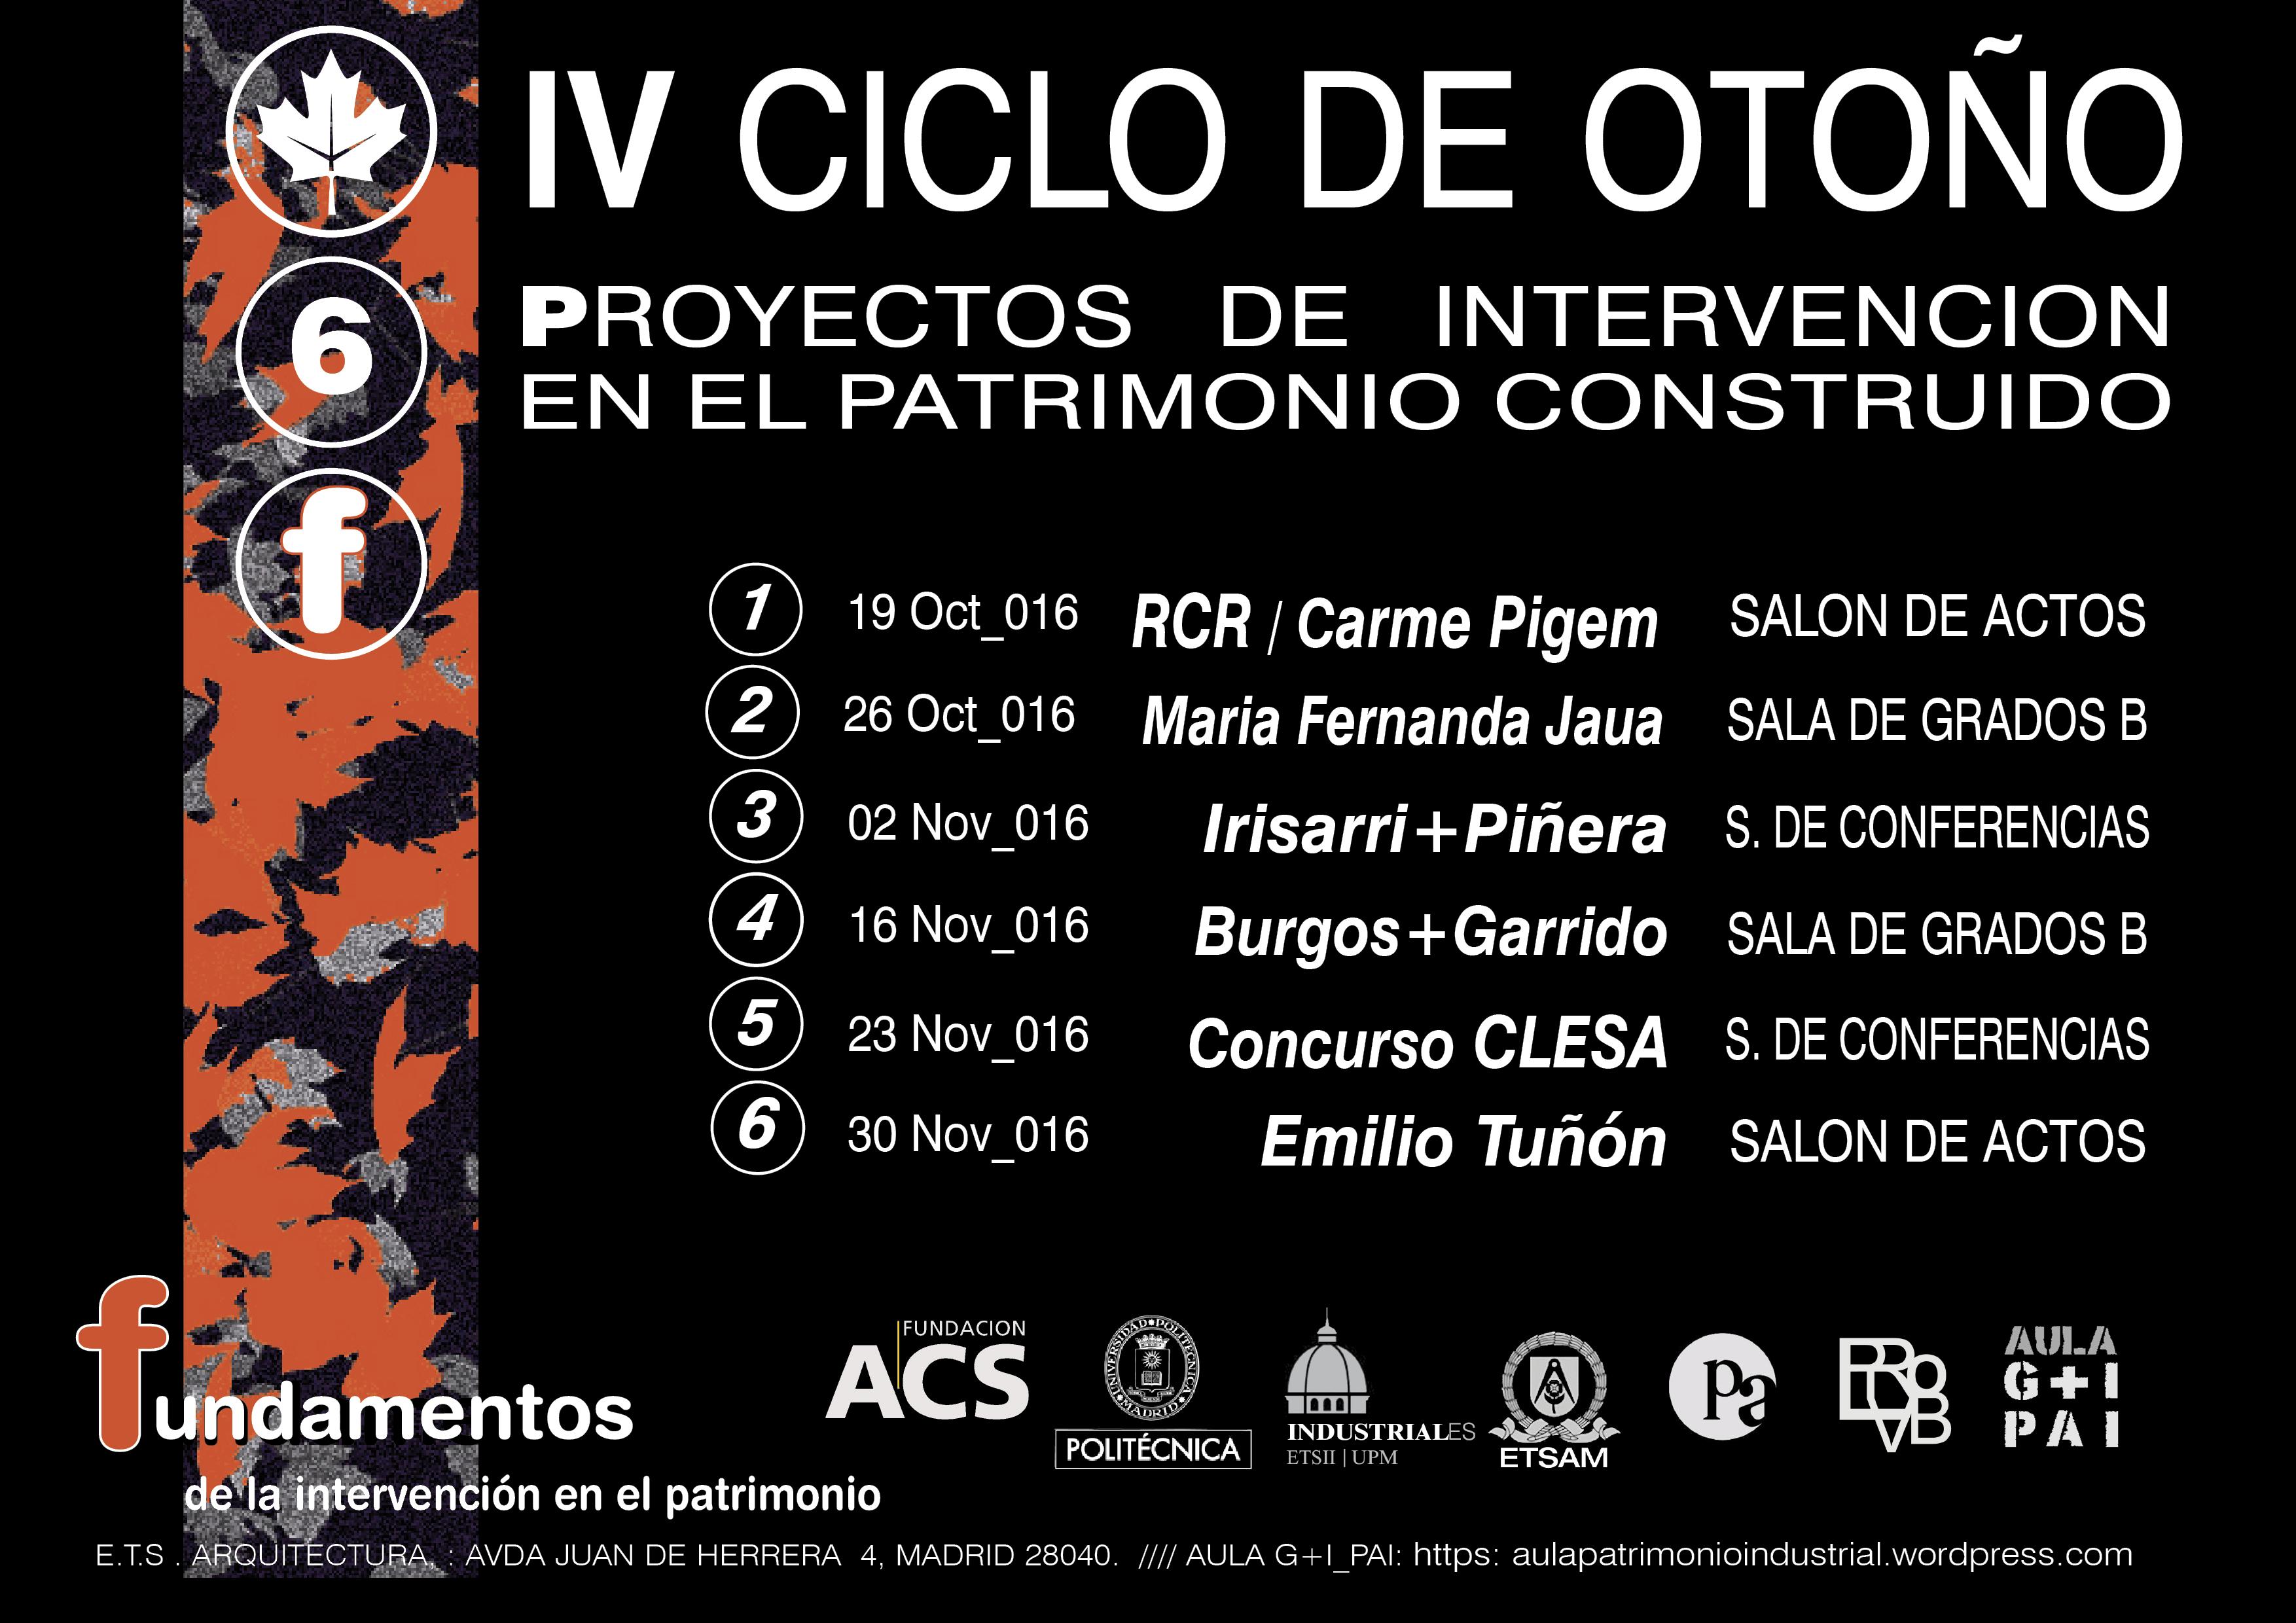 Ciclo de conferencias de proyectos de intervención en el patrimonio construido